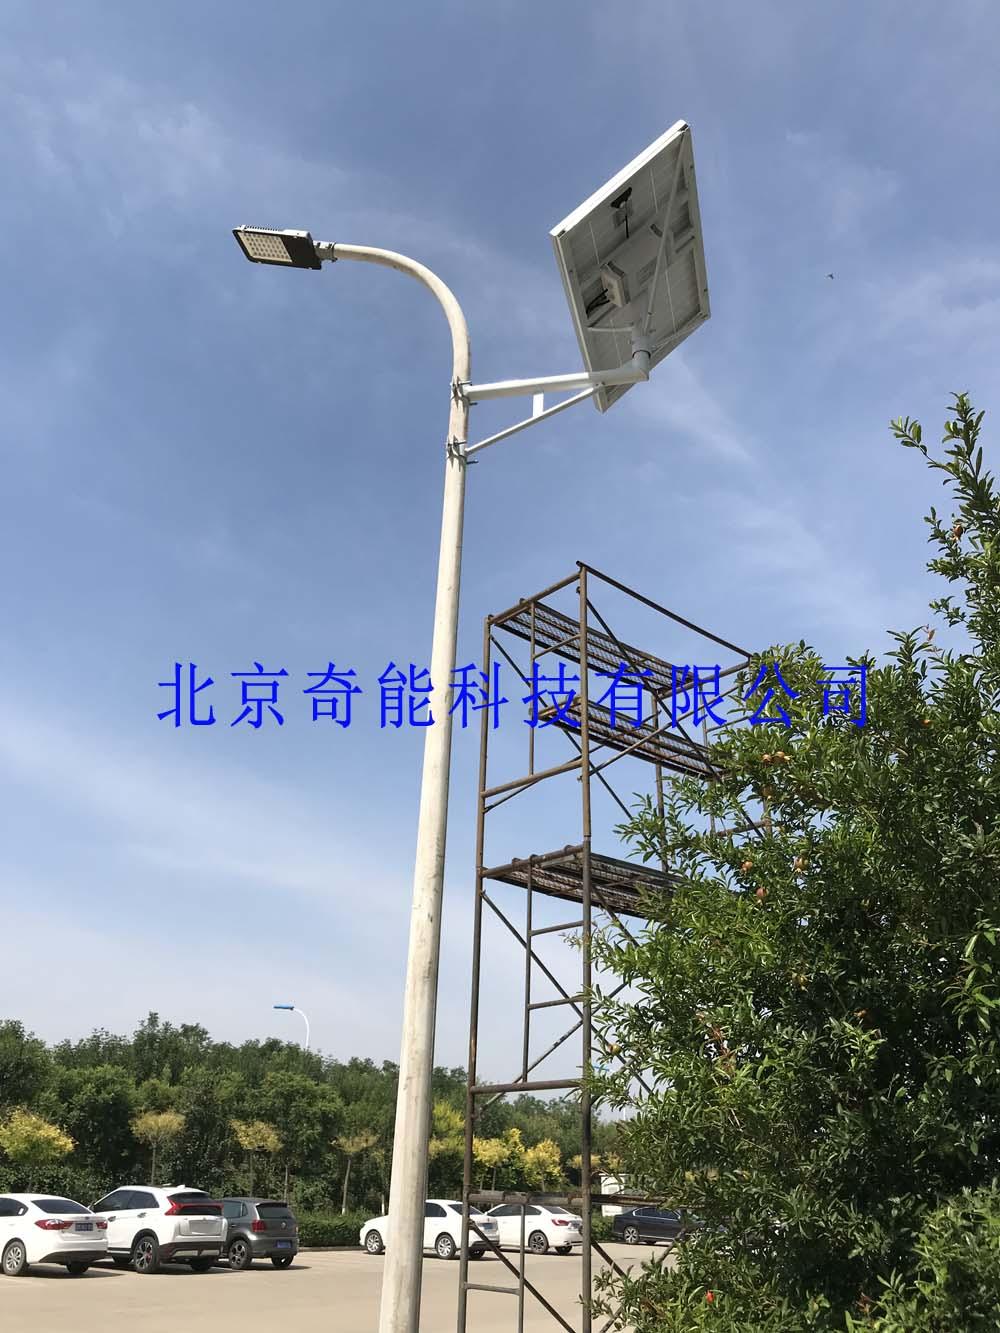 天津某轮胎公司市电路灯太阳能改造